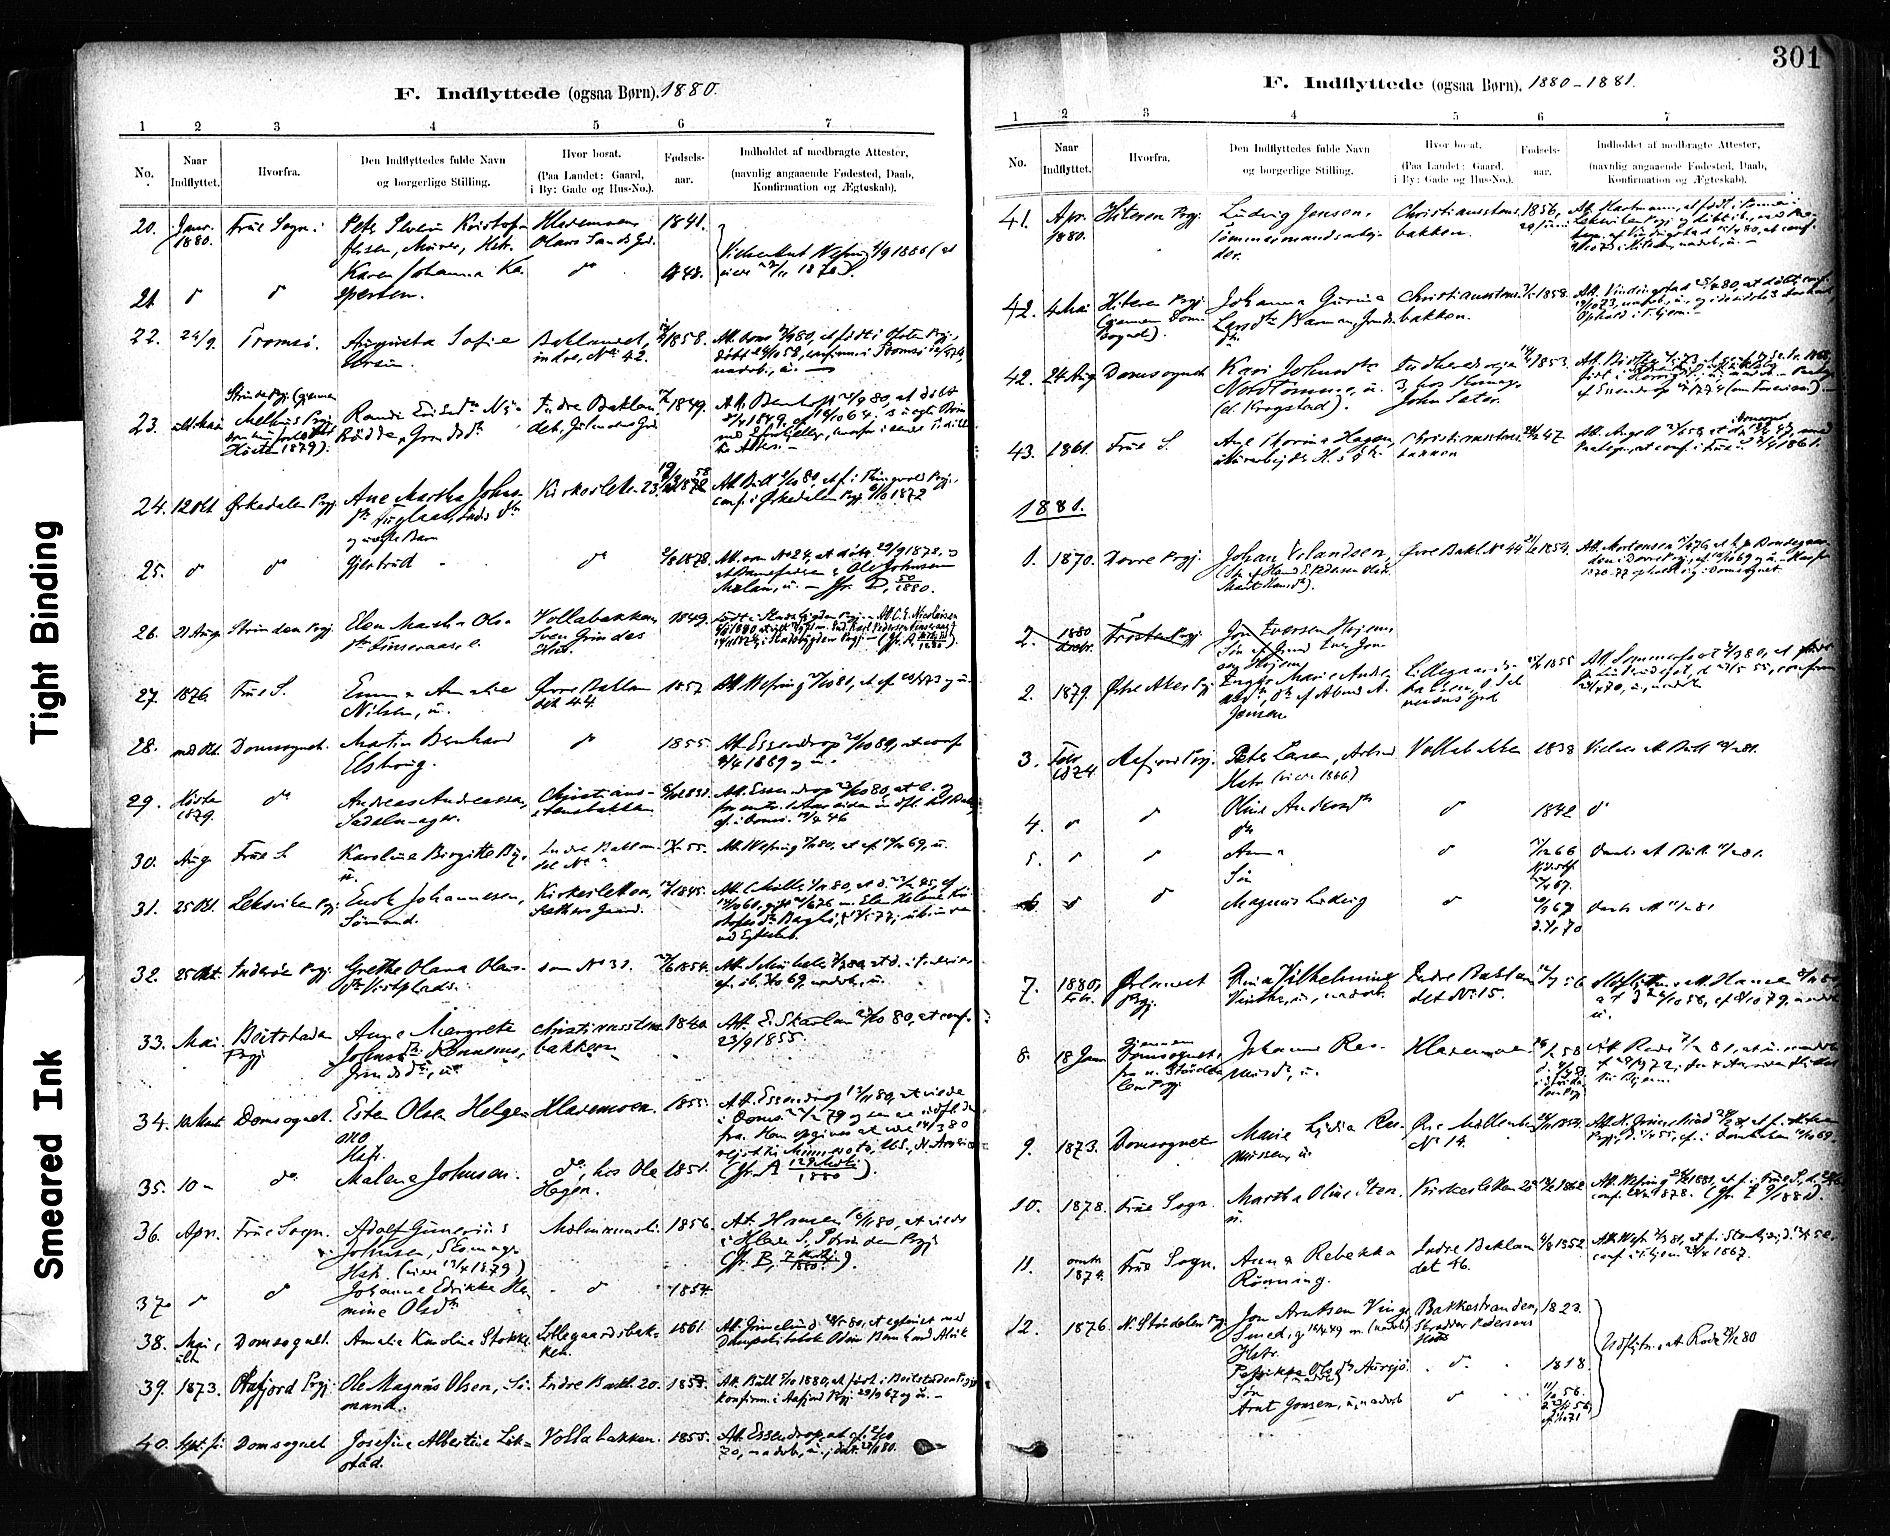 SAT, Ministerialprotokoller, klokkerbøker og fødselsregistre - Sør-Trøndelag, 604/L0189: Ministerialbok nr. 604A10, 1878-1892, s. 301